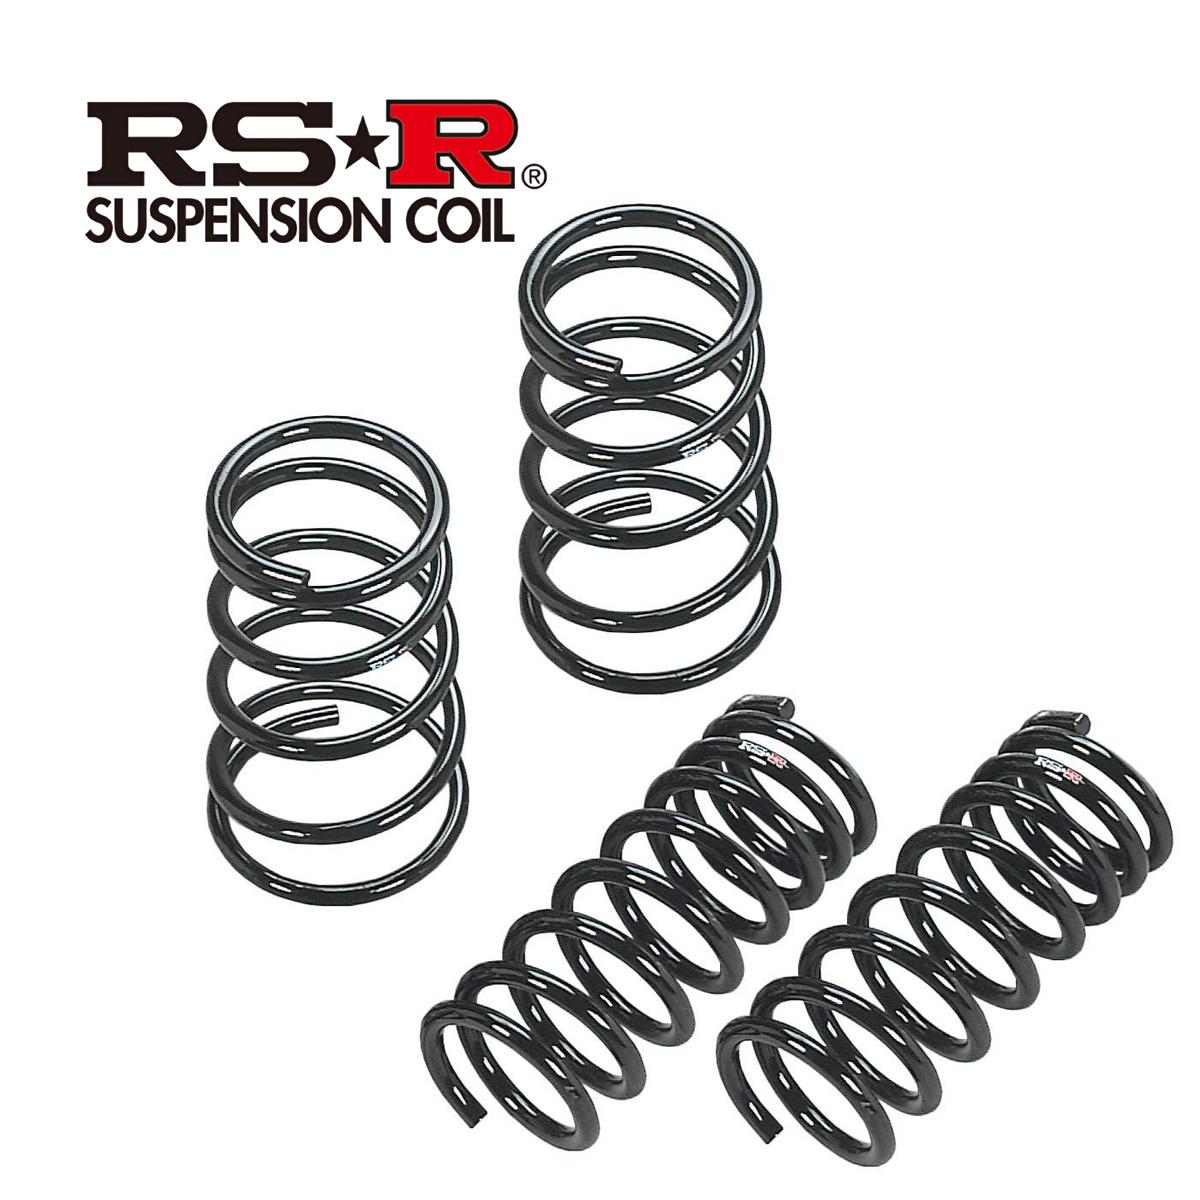 RS-R カローラツーリング ZRE212W S ダウンサス スプリング 1台分 T580S RSR スーパーダウン RSR 個人宅発送追金有